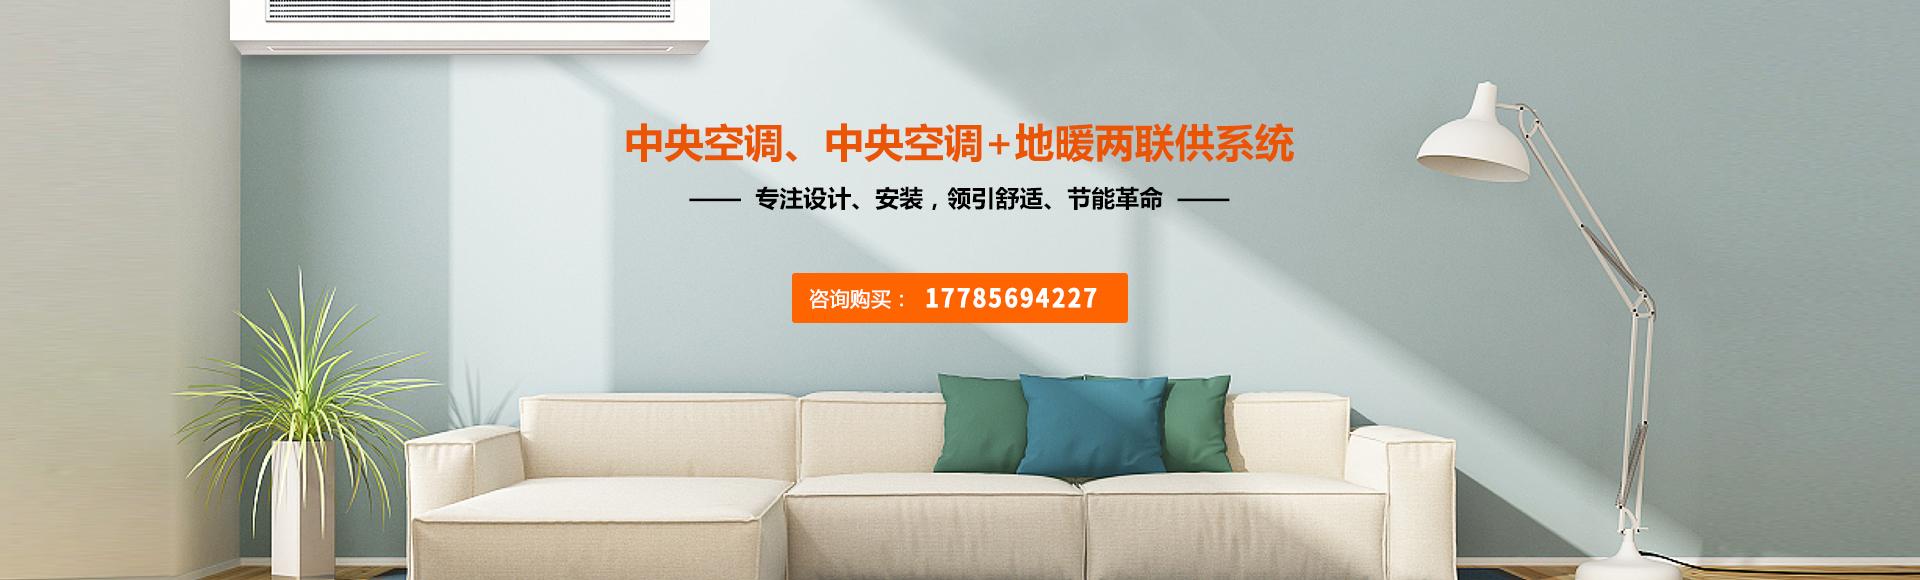 http://www.gznyy.cn/data/upload/202010/20201012170634_312.jpg